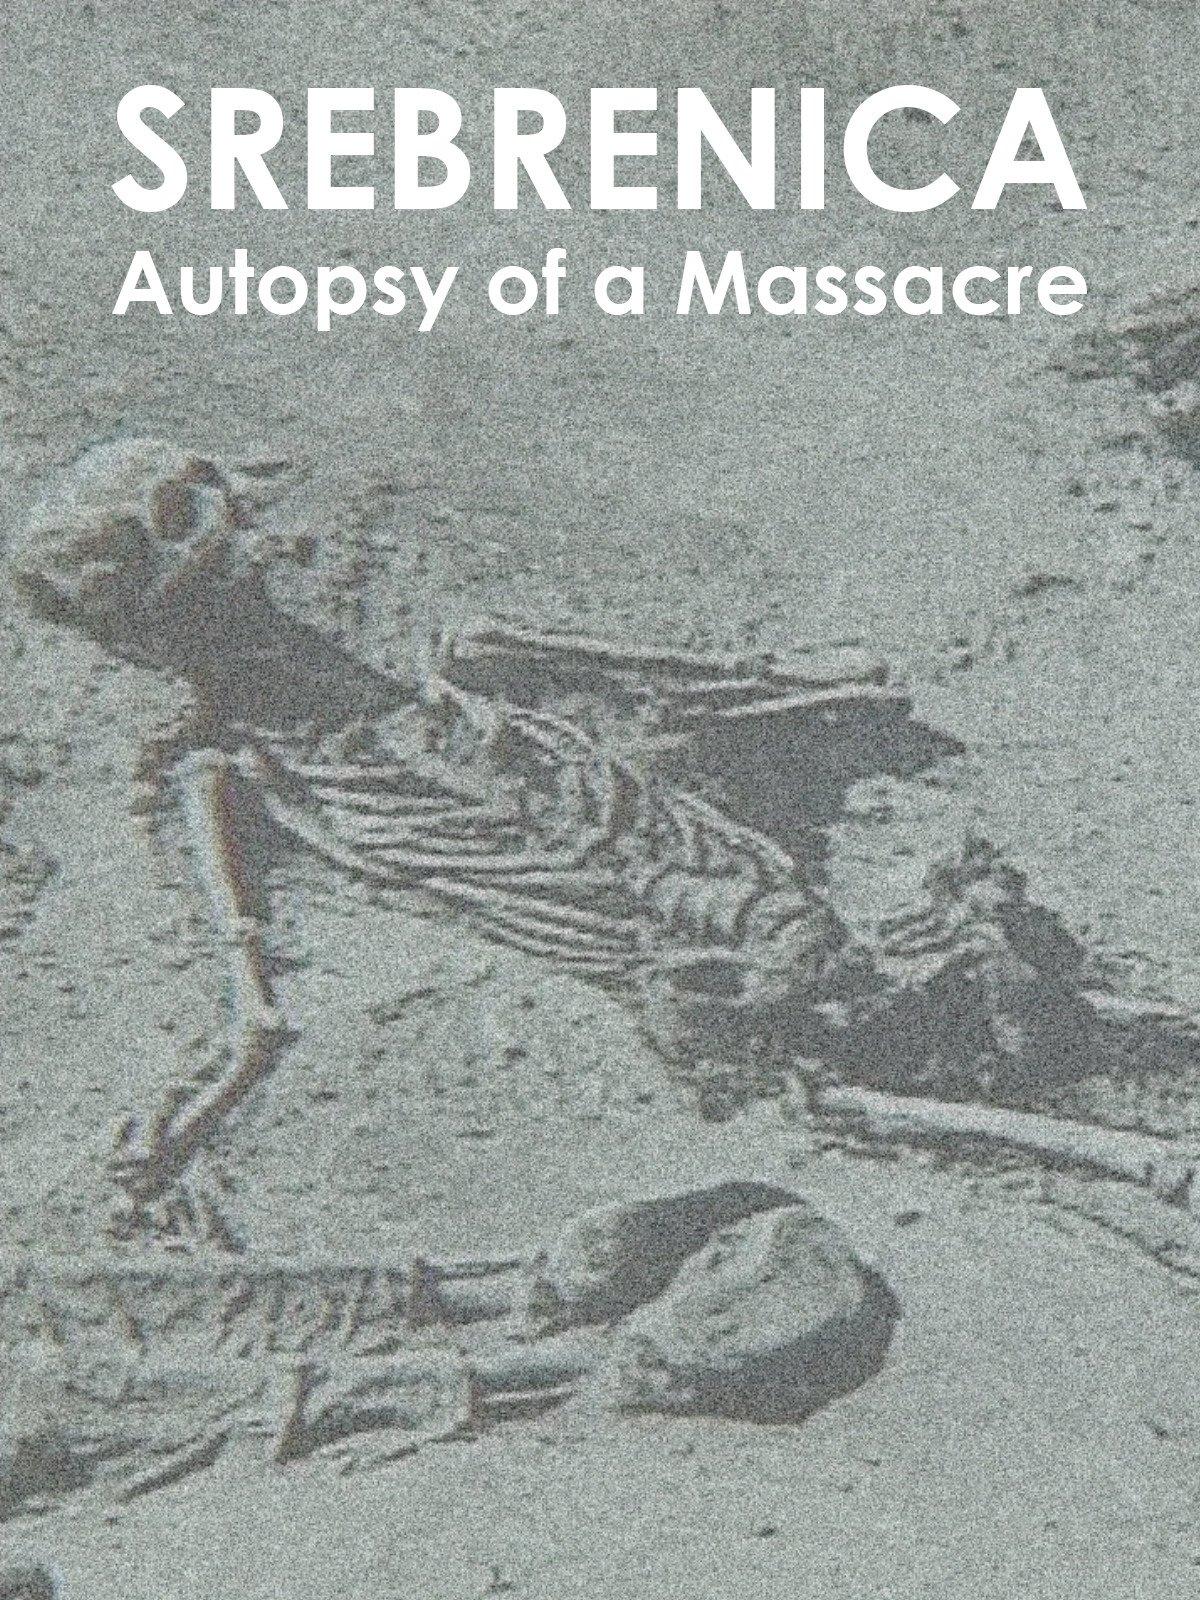 Srebrenica: Autopsy of a Massacre on Amazon Prime Video UK